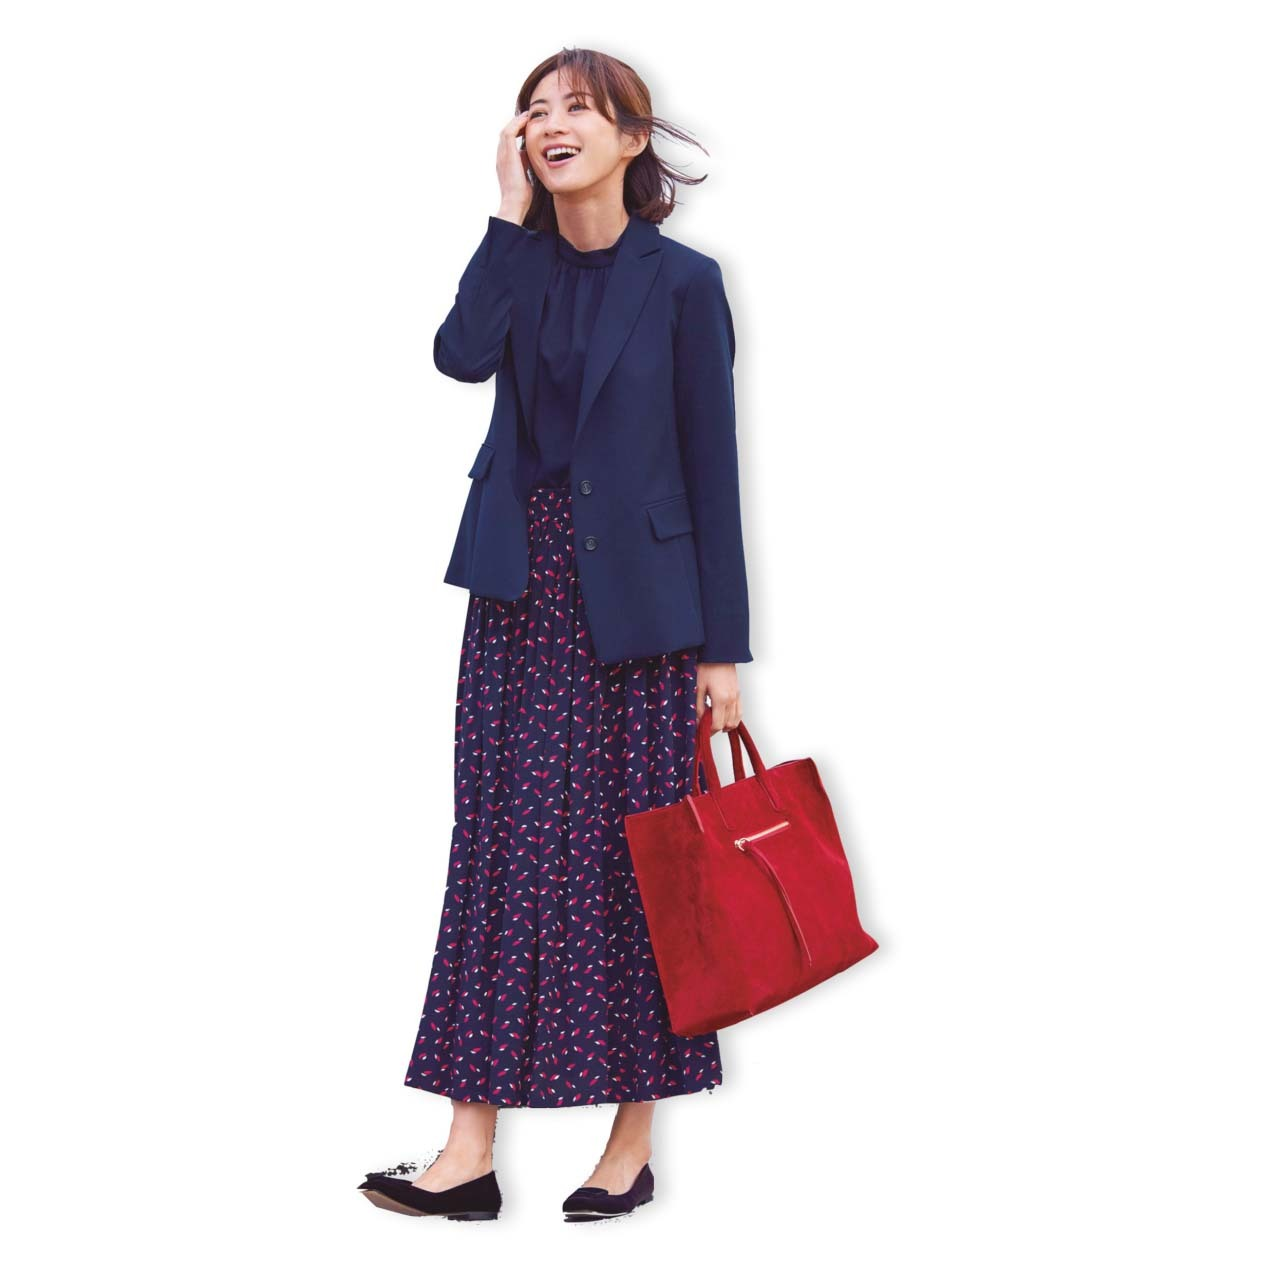 春こそ満喫!アラフォー向け着映えスカート6タイプ|40代レディースファッション_1_35